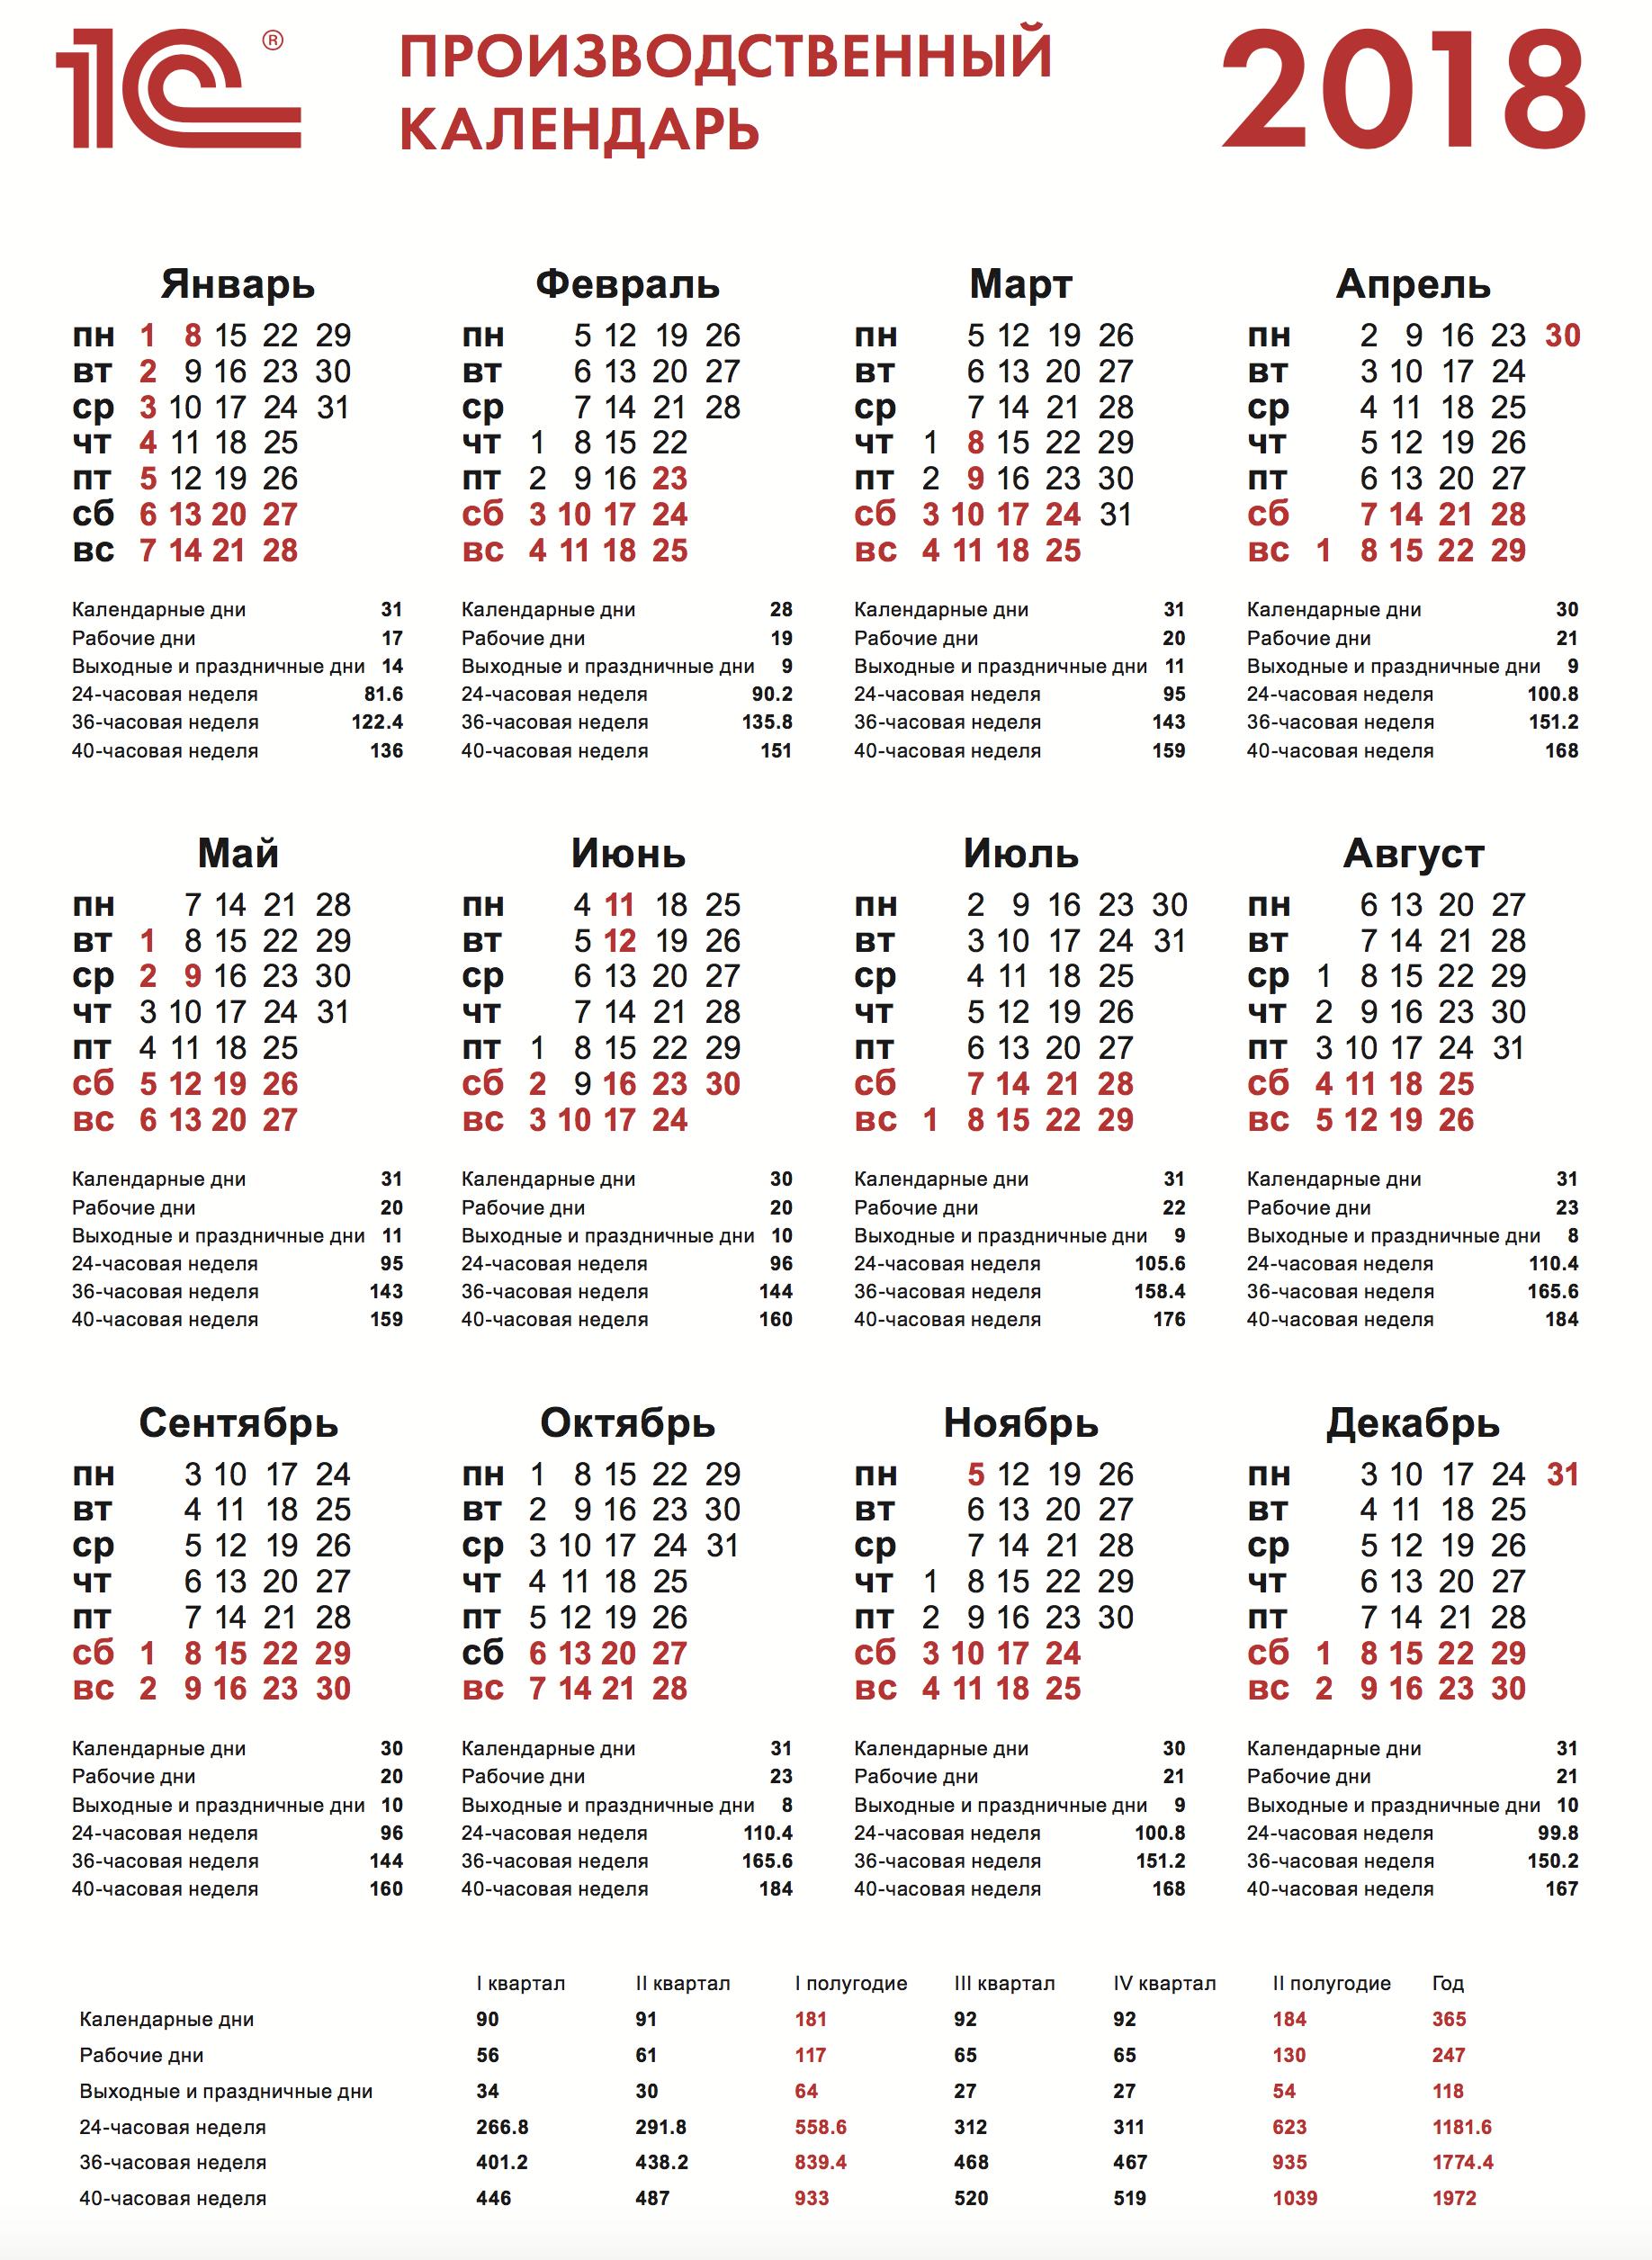 Производственный календарь, нормы рабочего дня, праздничные и выходные дни в Украине на 2018 год